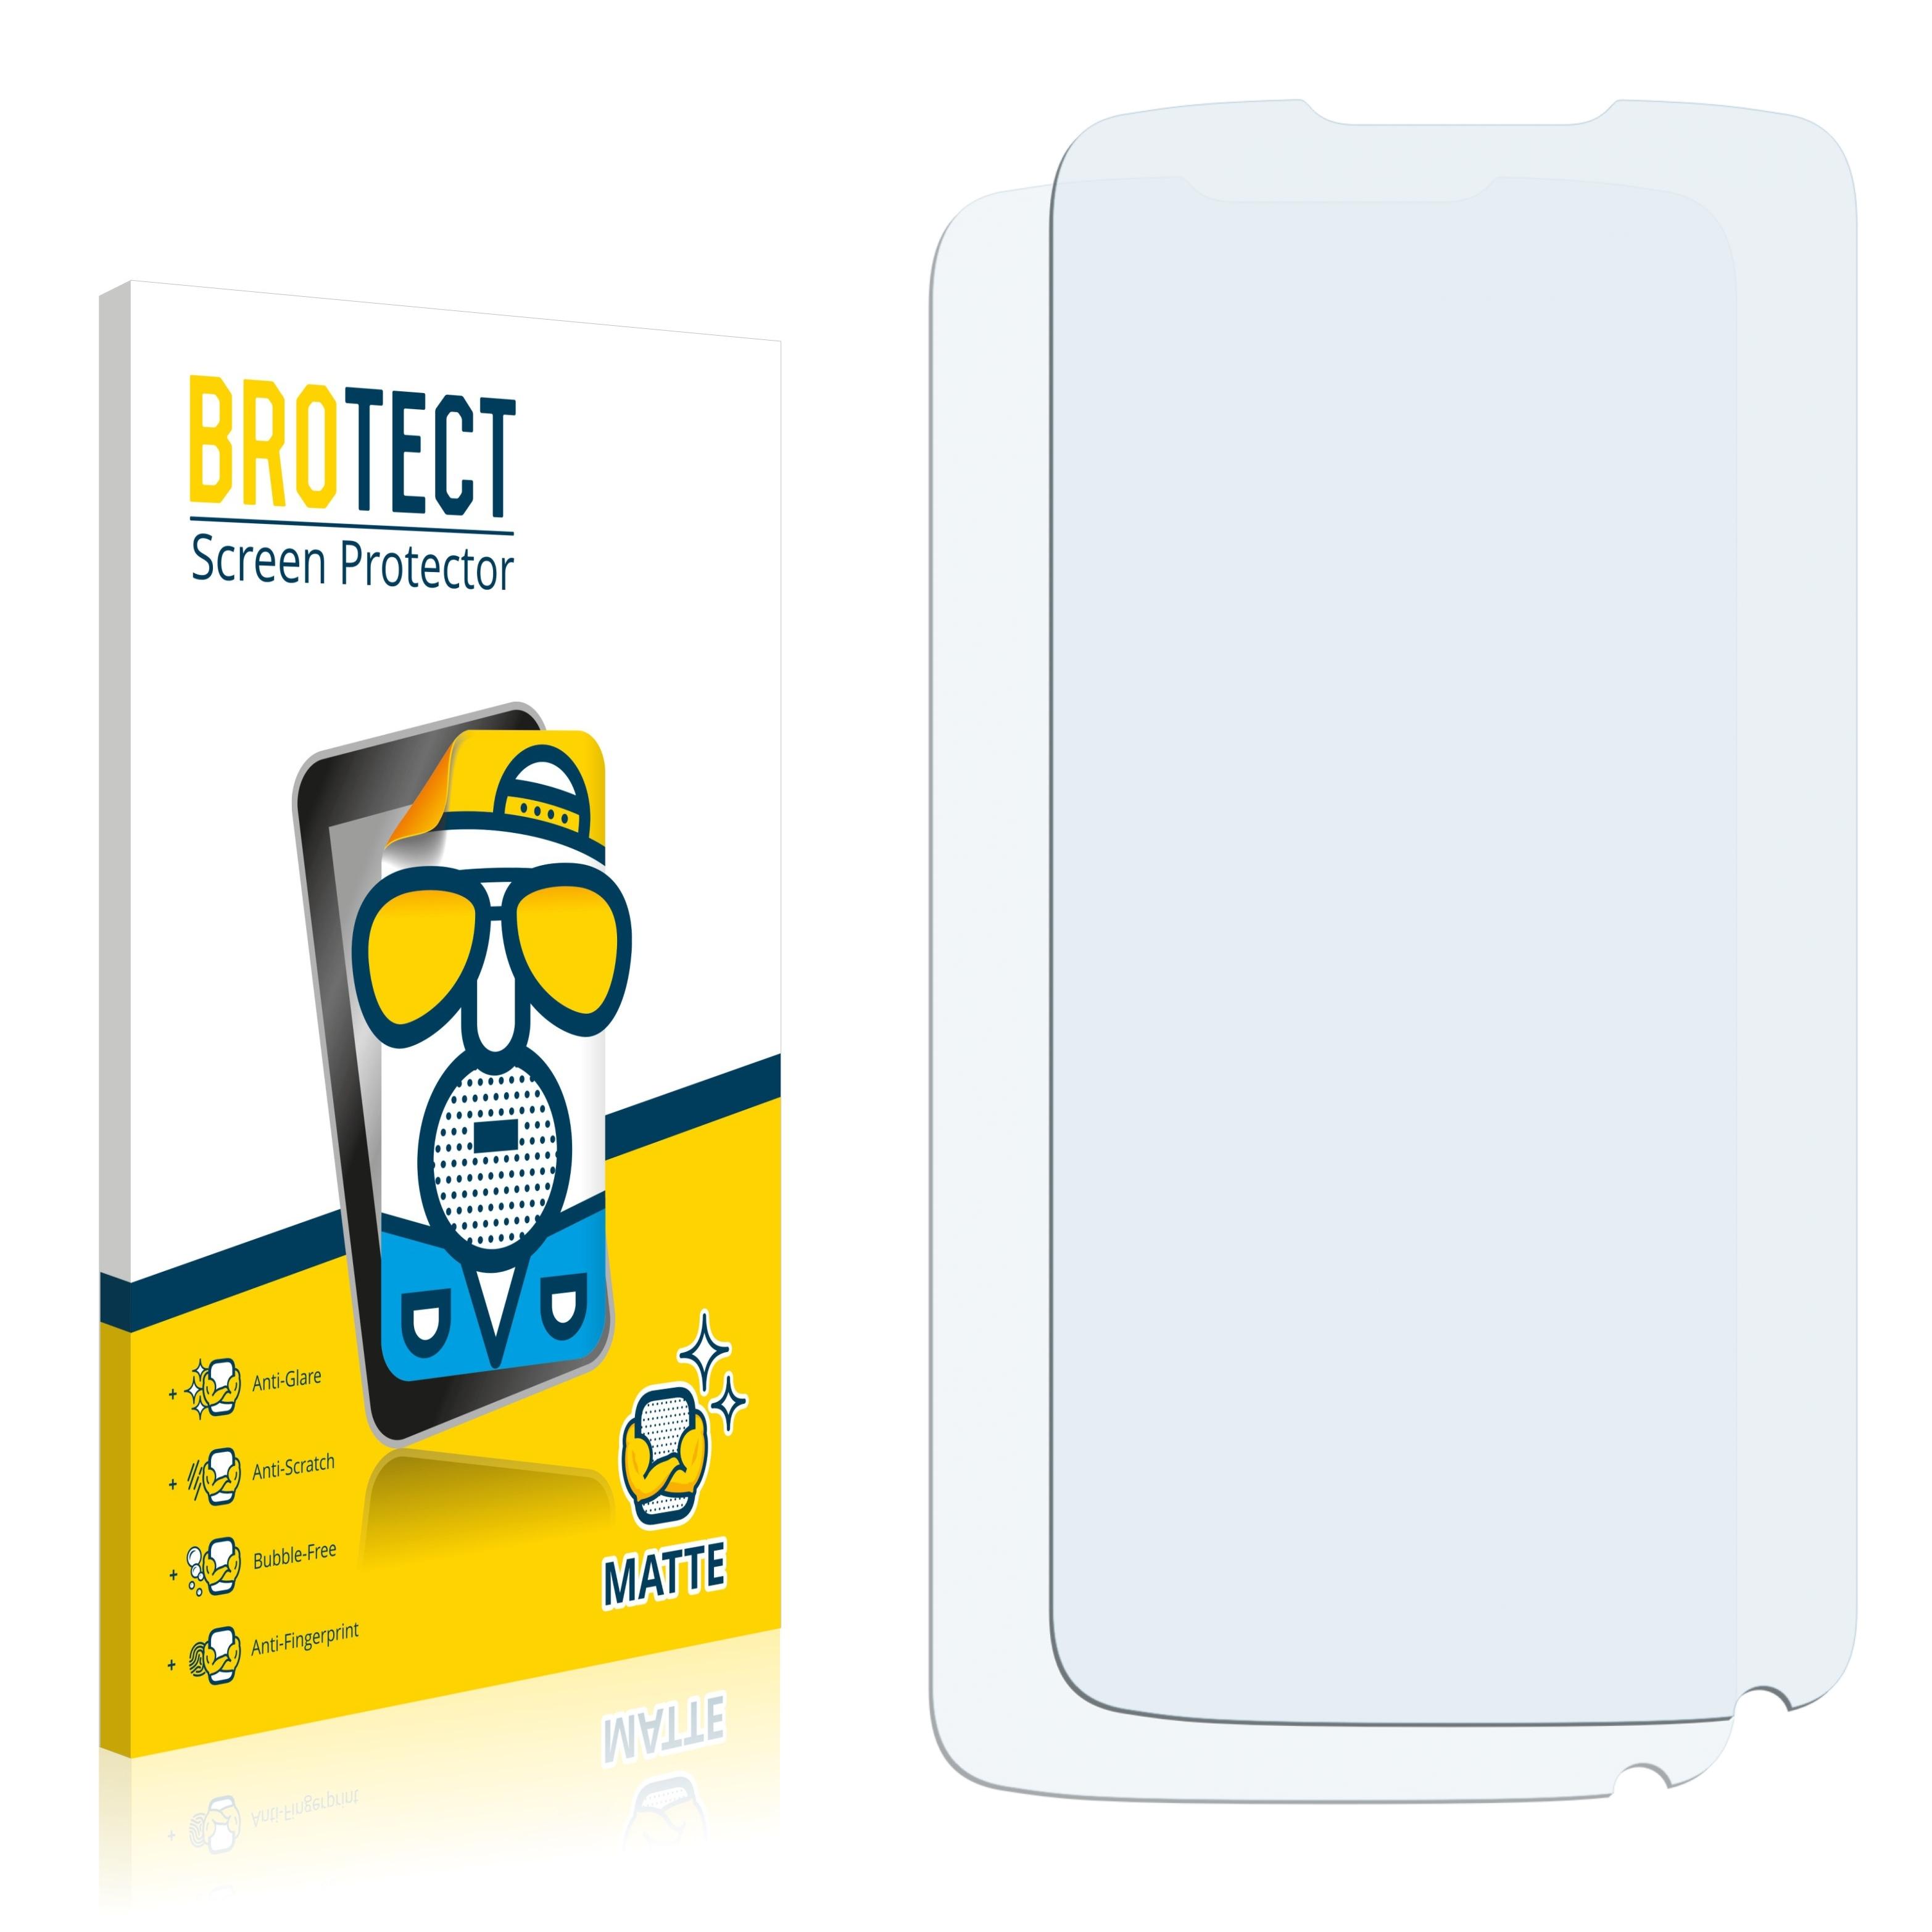 Matná ochranná fólie BROTECT pro Acer Liquid Gallant Duo, 2 ks